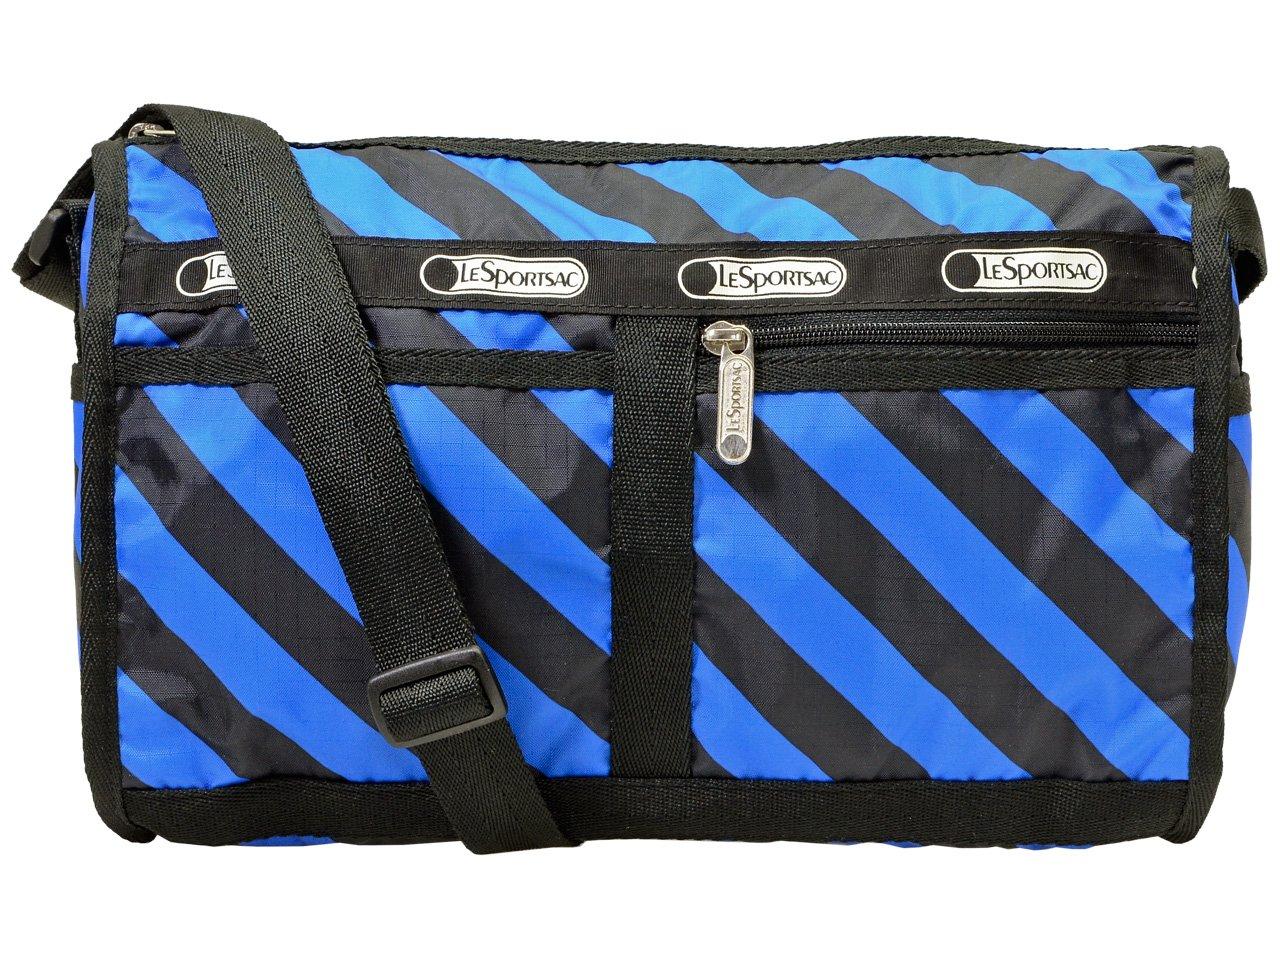 (レスポートサック) LeSportsac バッグ 斜めがけ ショルダーバッグ Deluxe Shoulder Satchel デラックス ショルダー サッチェル レディース ナイロン 7519 ブランド [並行輸入品] B06XY6VH5K ACE STRIPE/D556 ACE STRIPE/D556